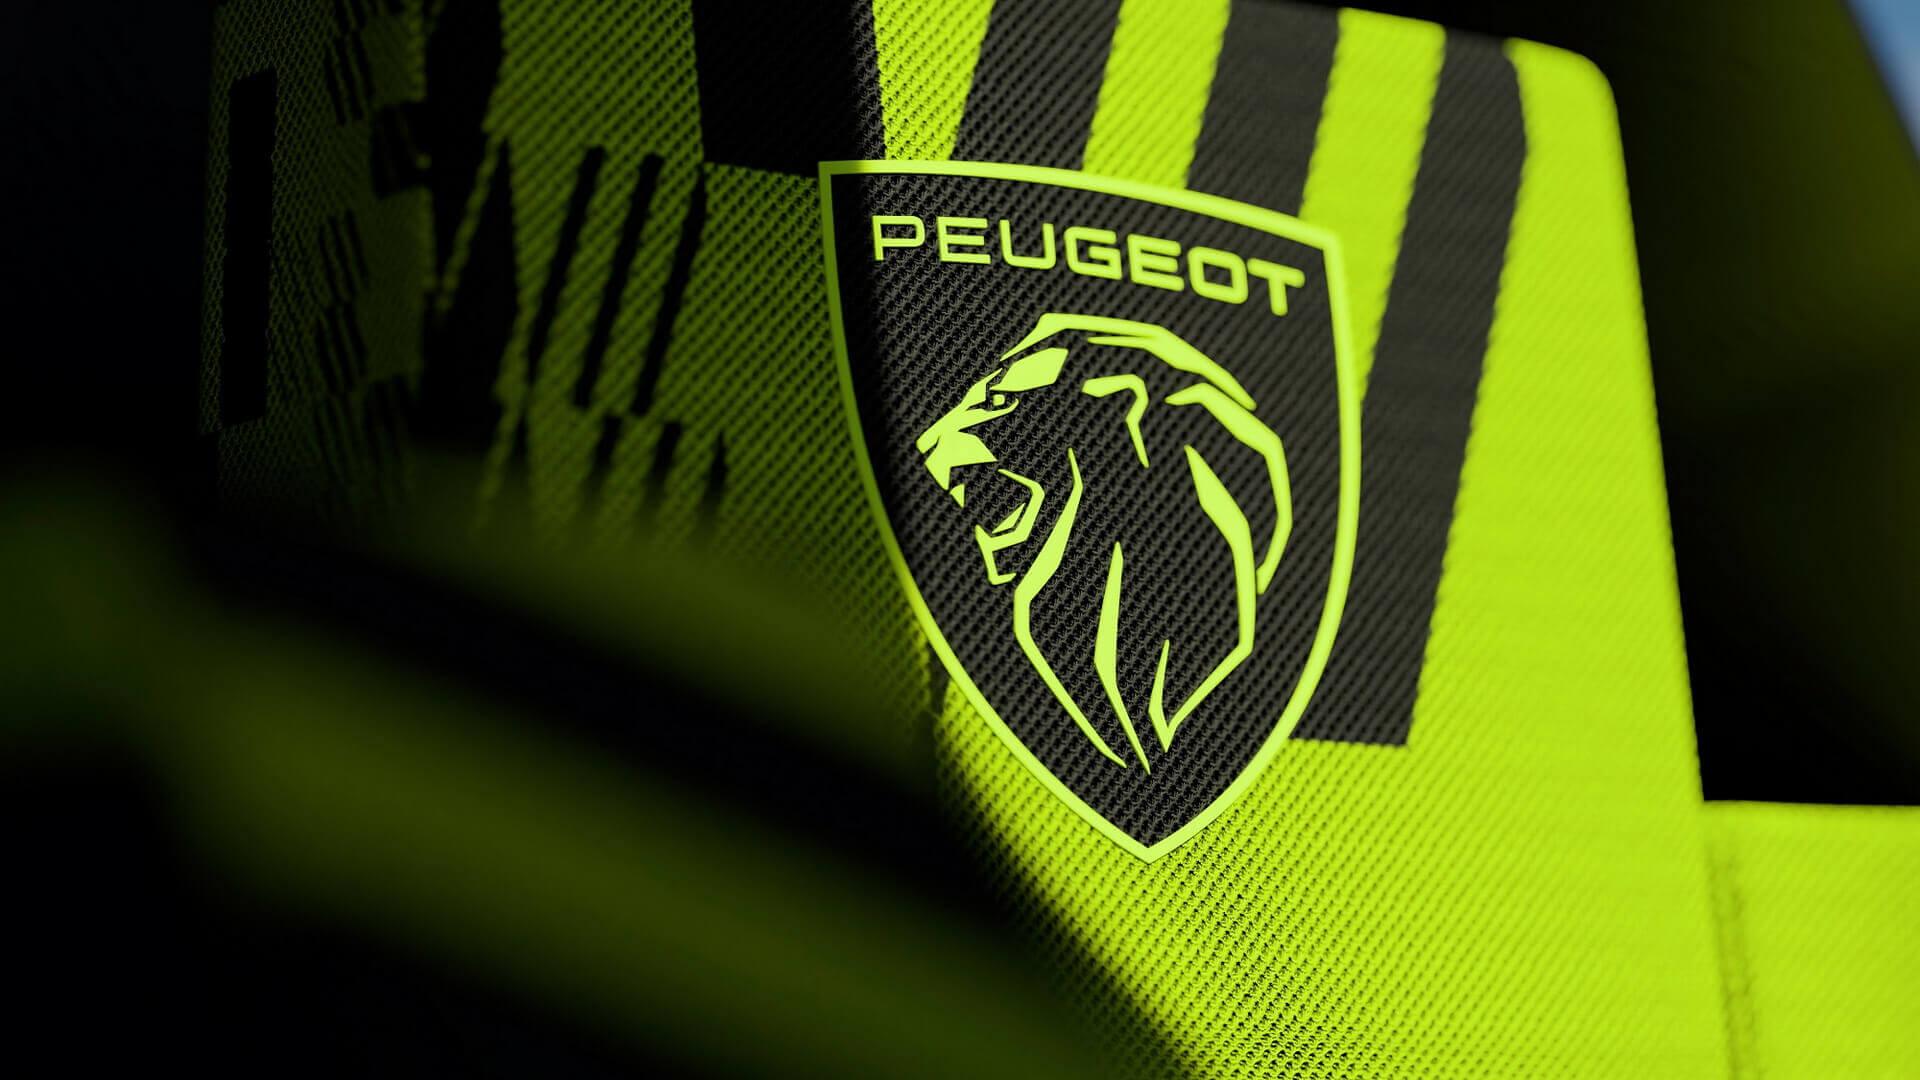 Peugeot возвращается в 24-часовую гонку с 500-киловаттным гибридом 9X8